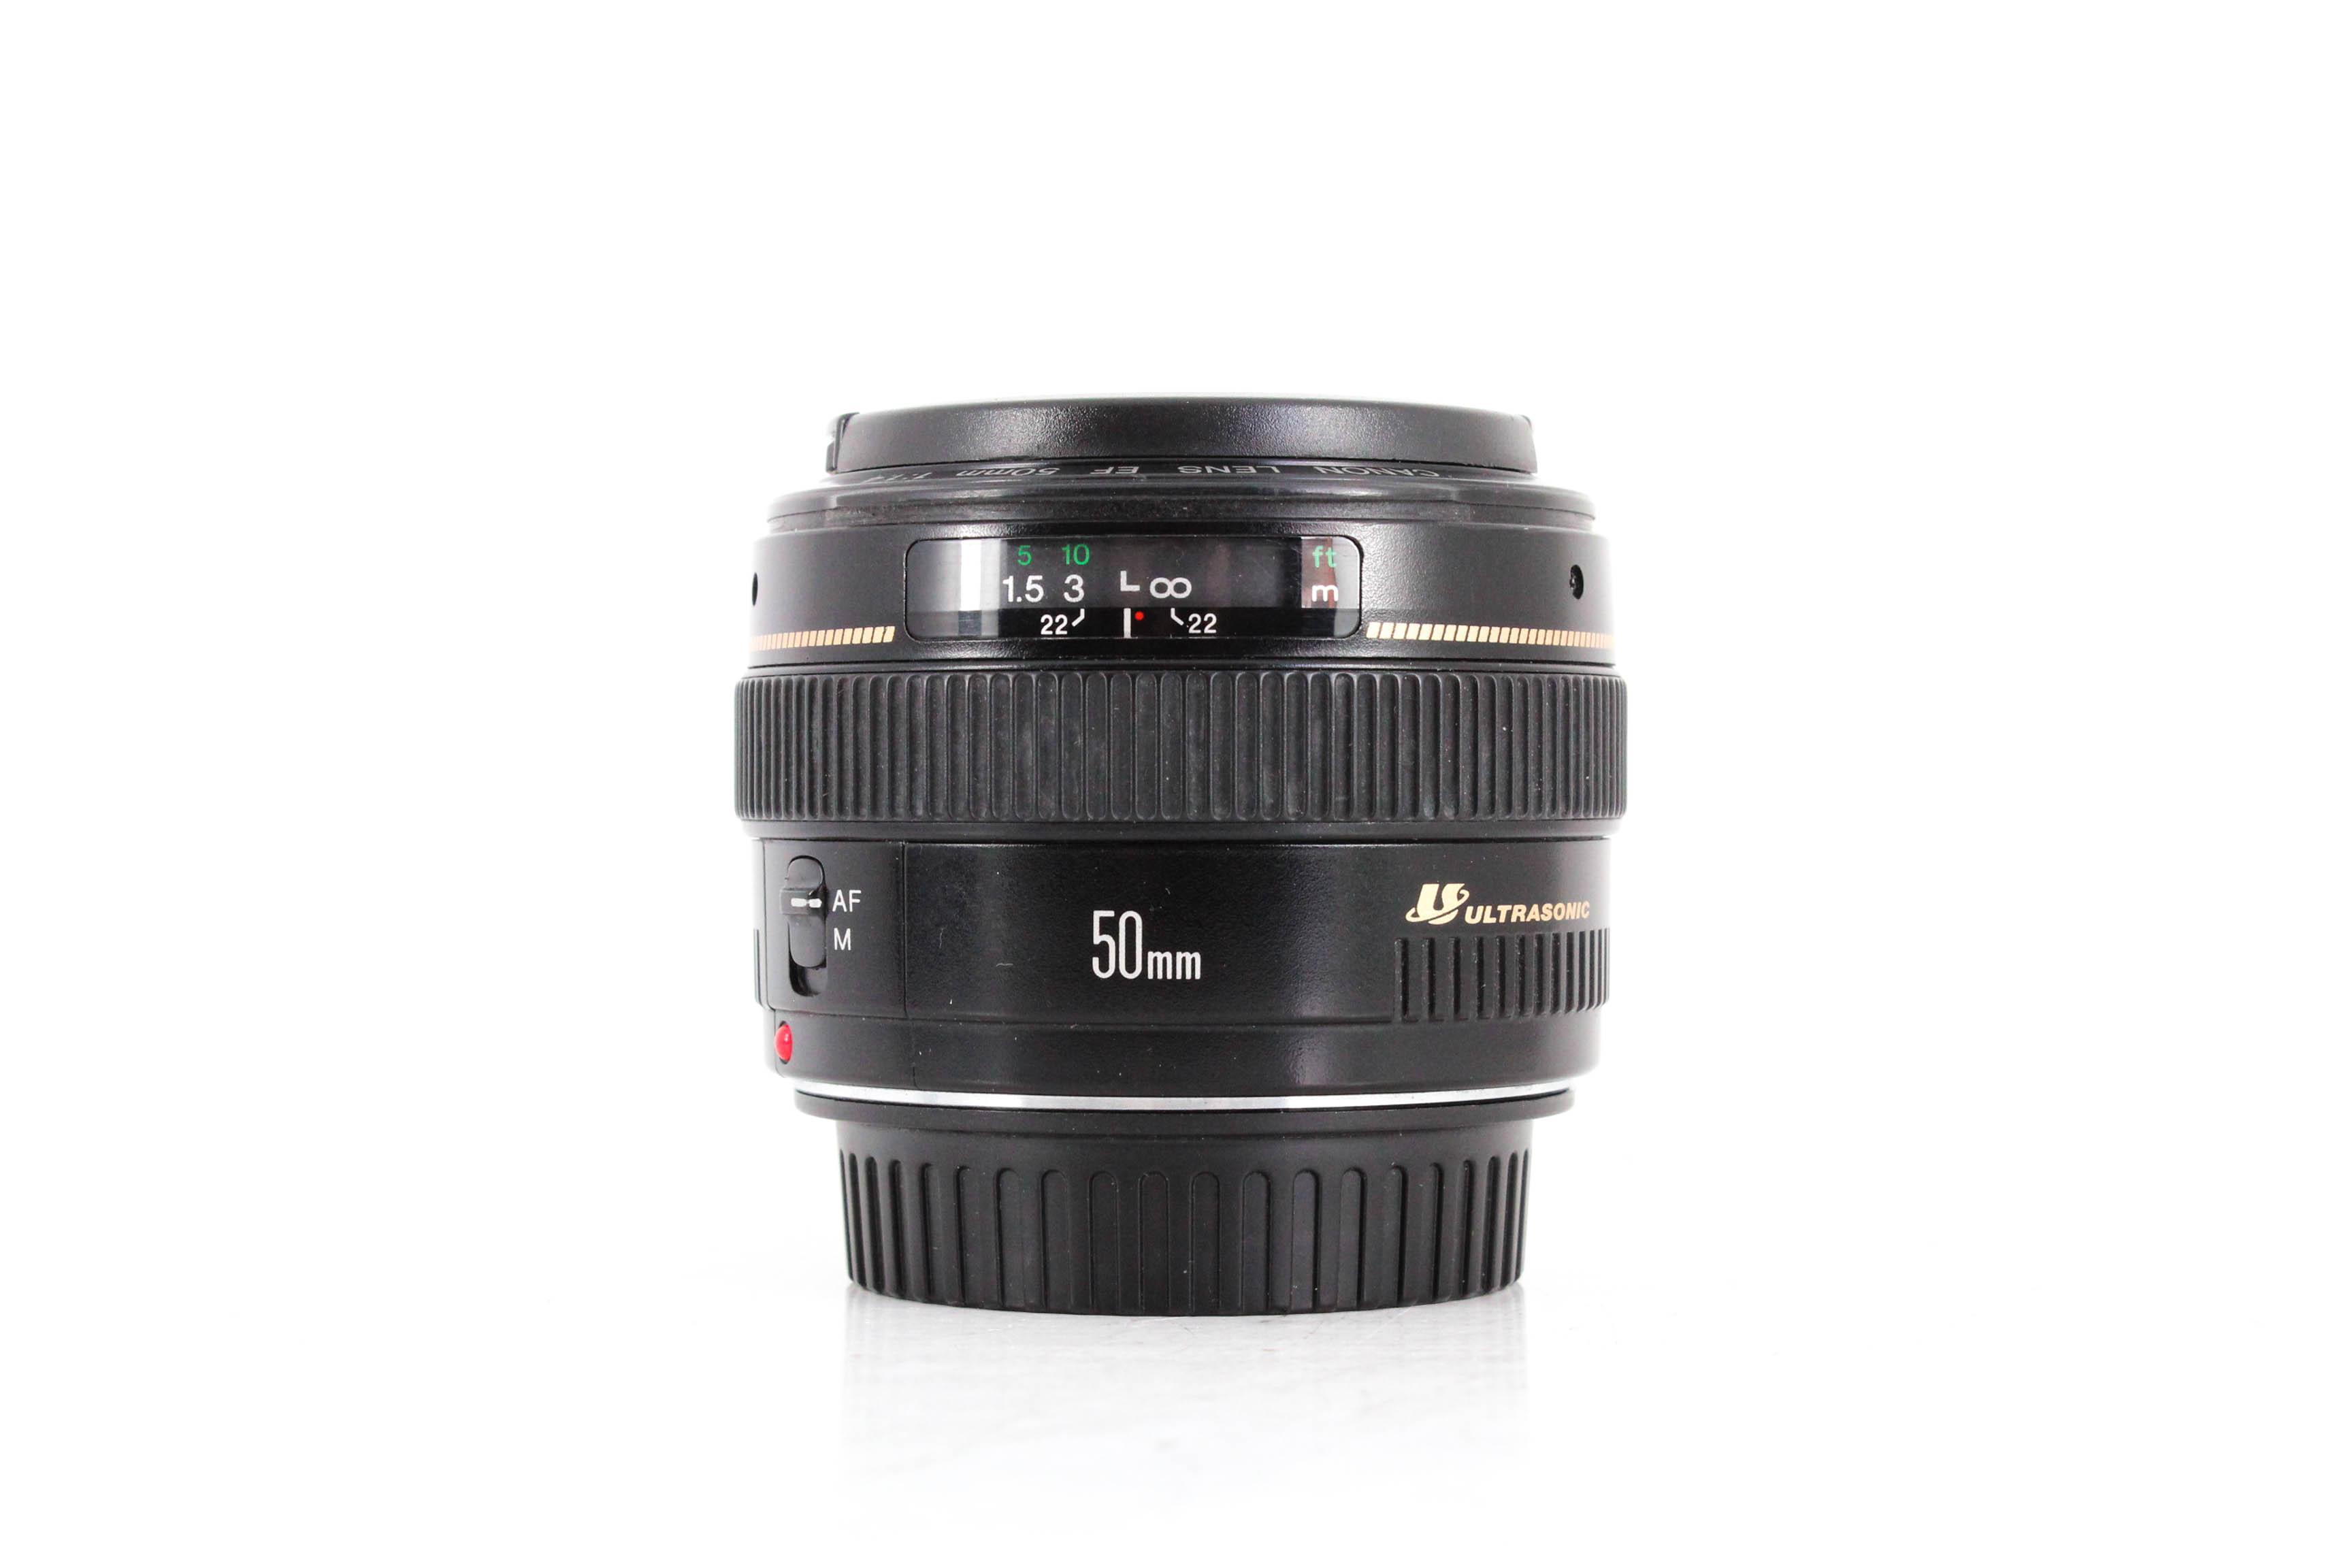 50mm lens image